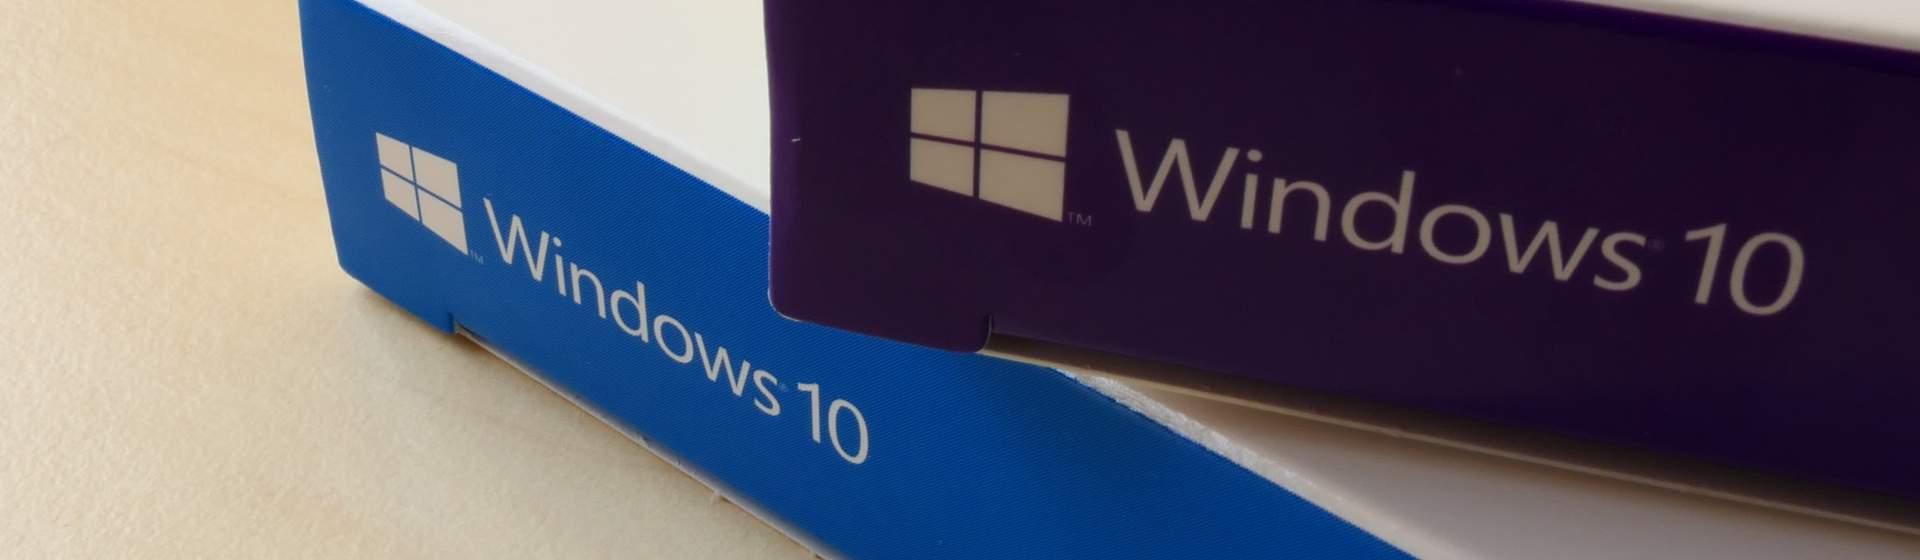 Requisitos Windows 10: veja configurações mínimas no PC e no celular